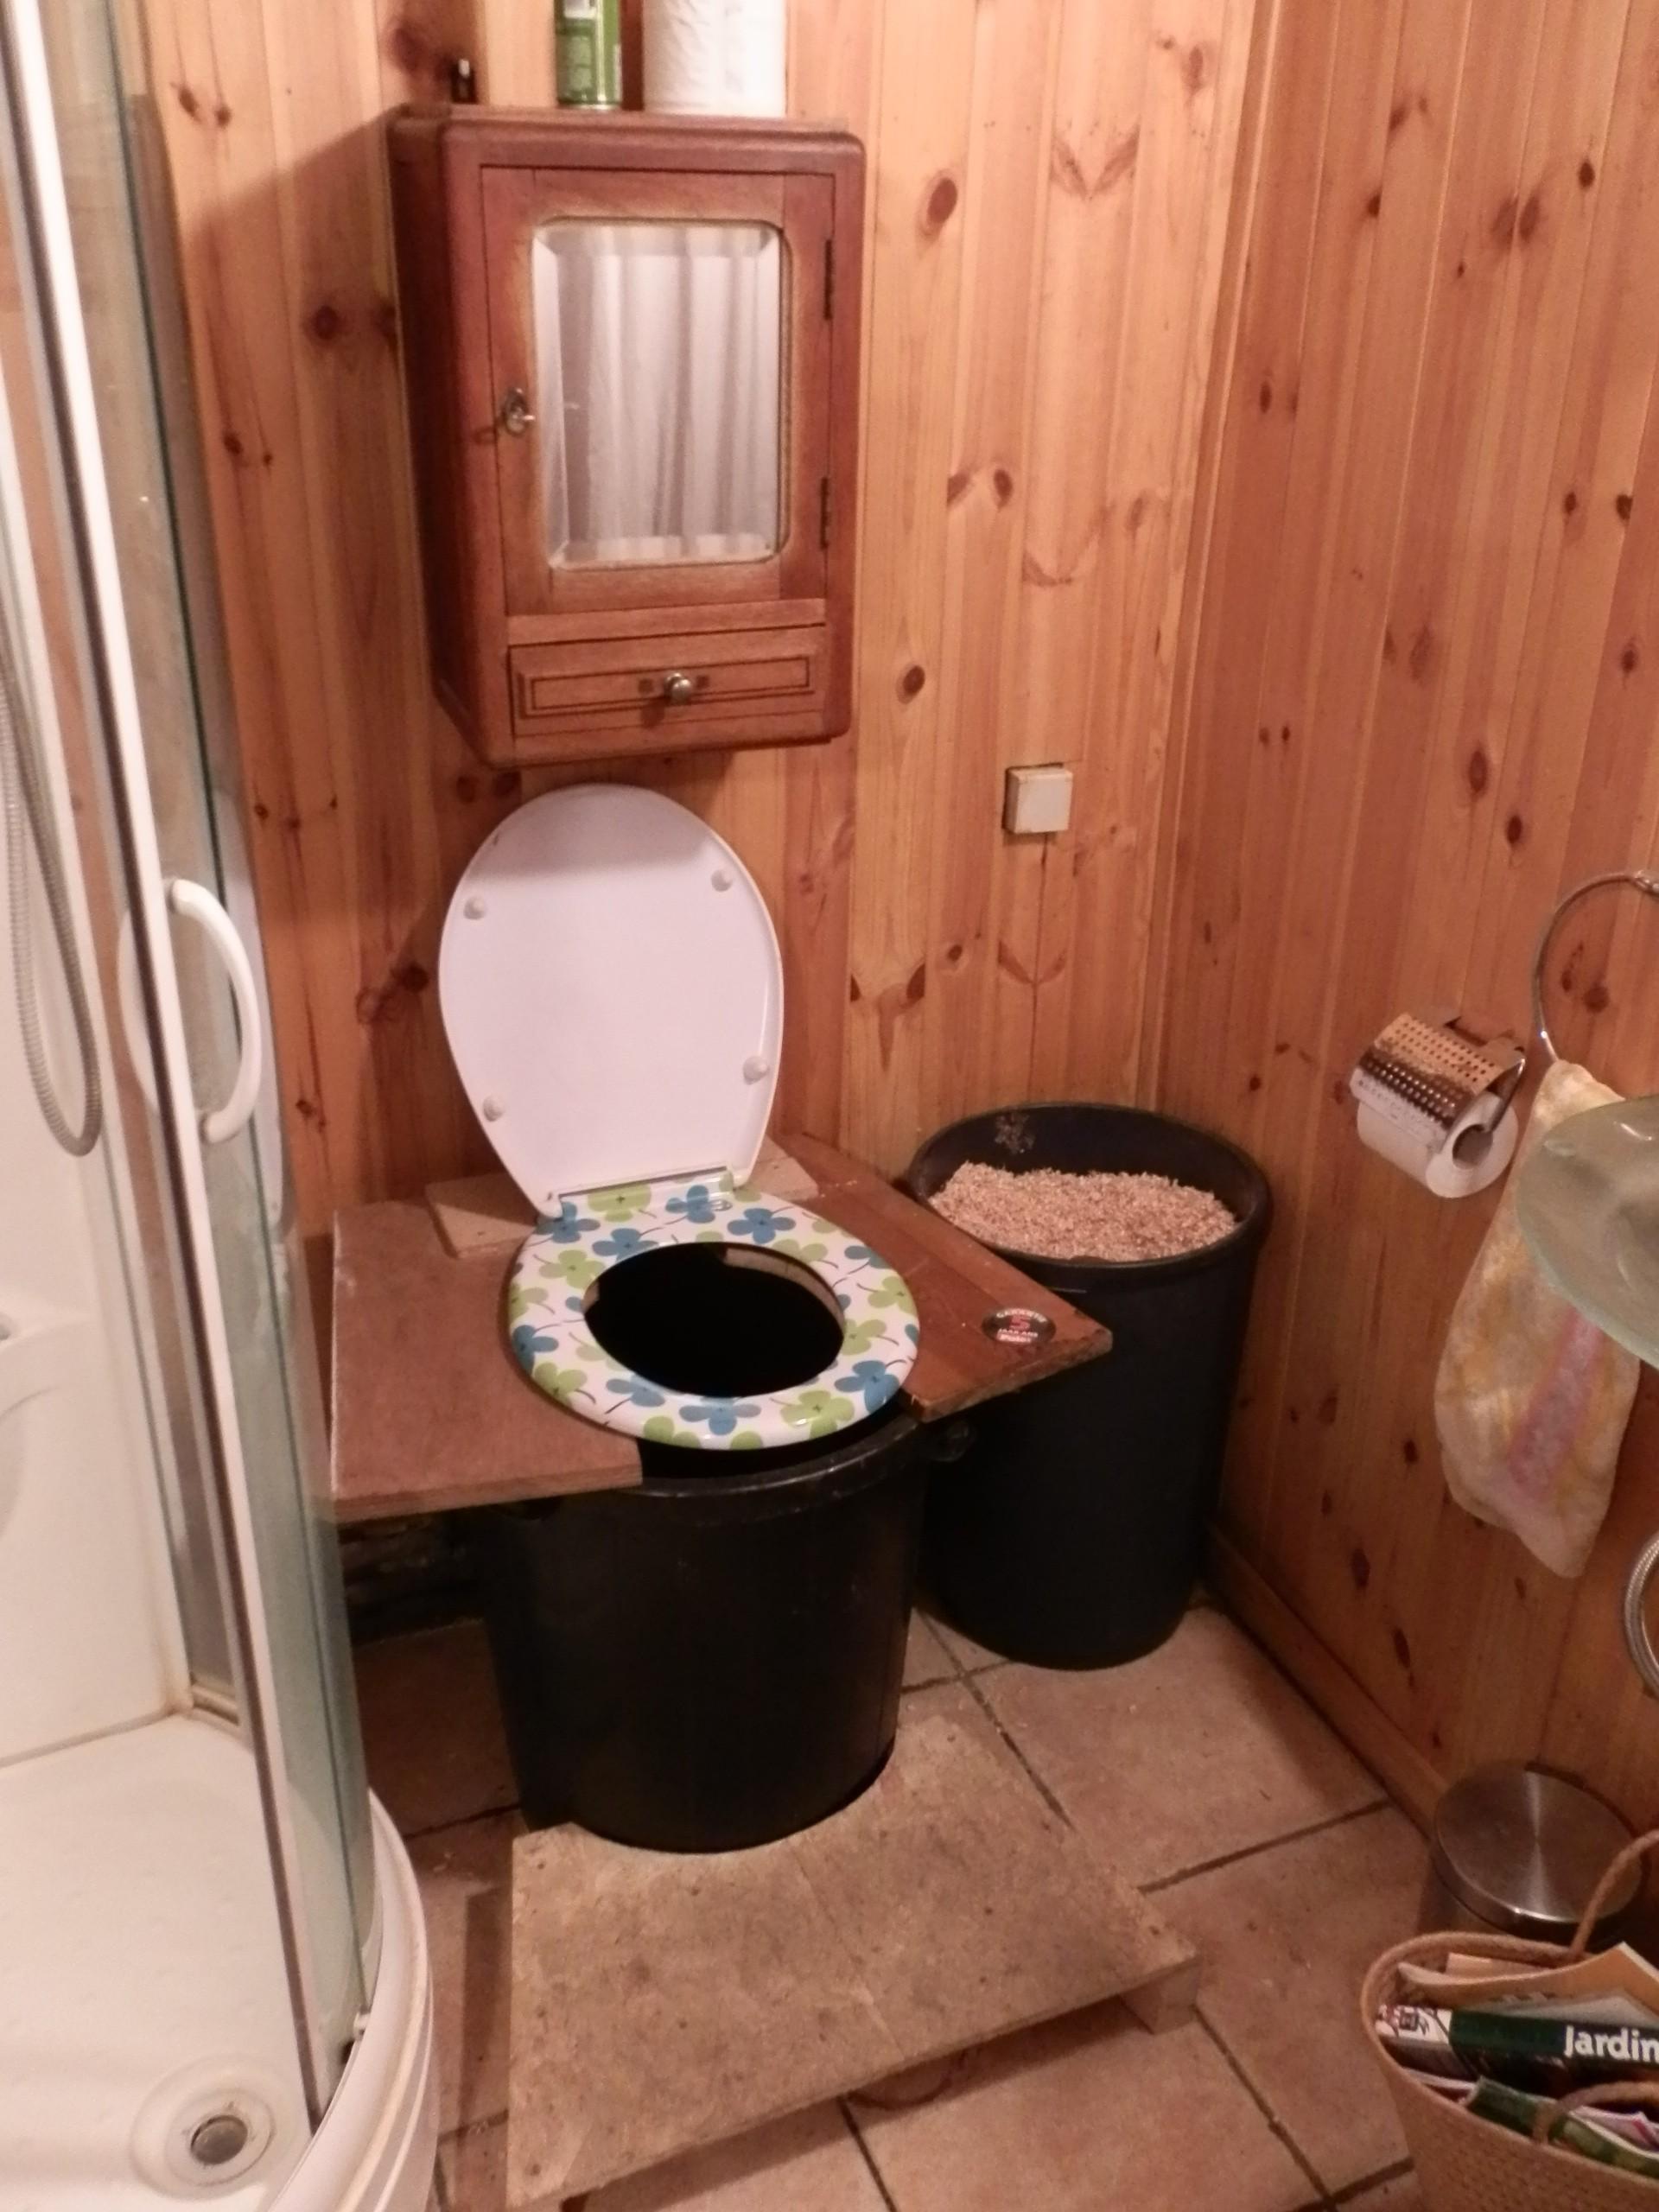 Toilette sèche powa !